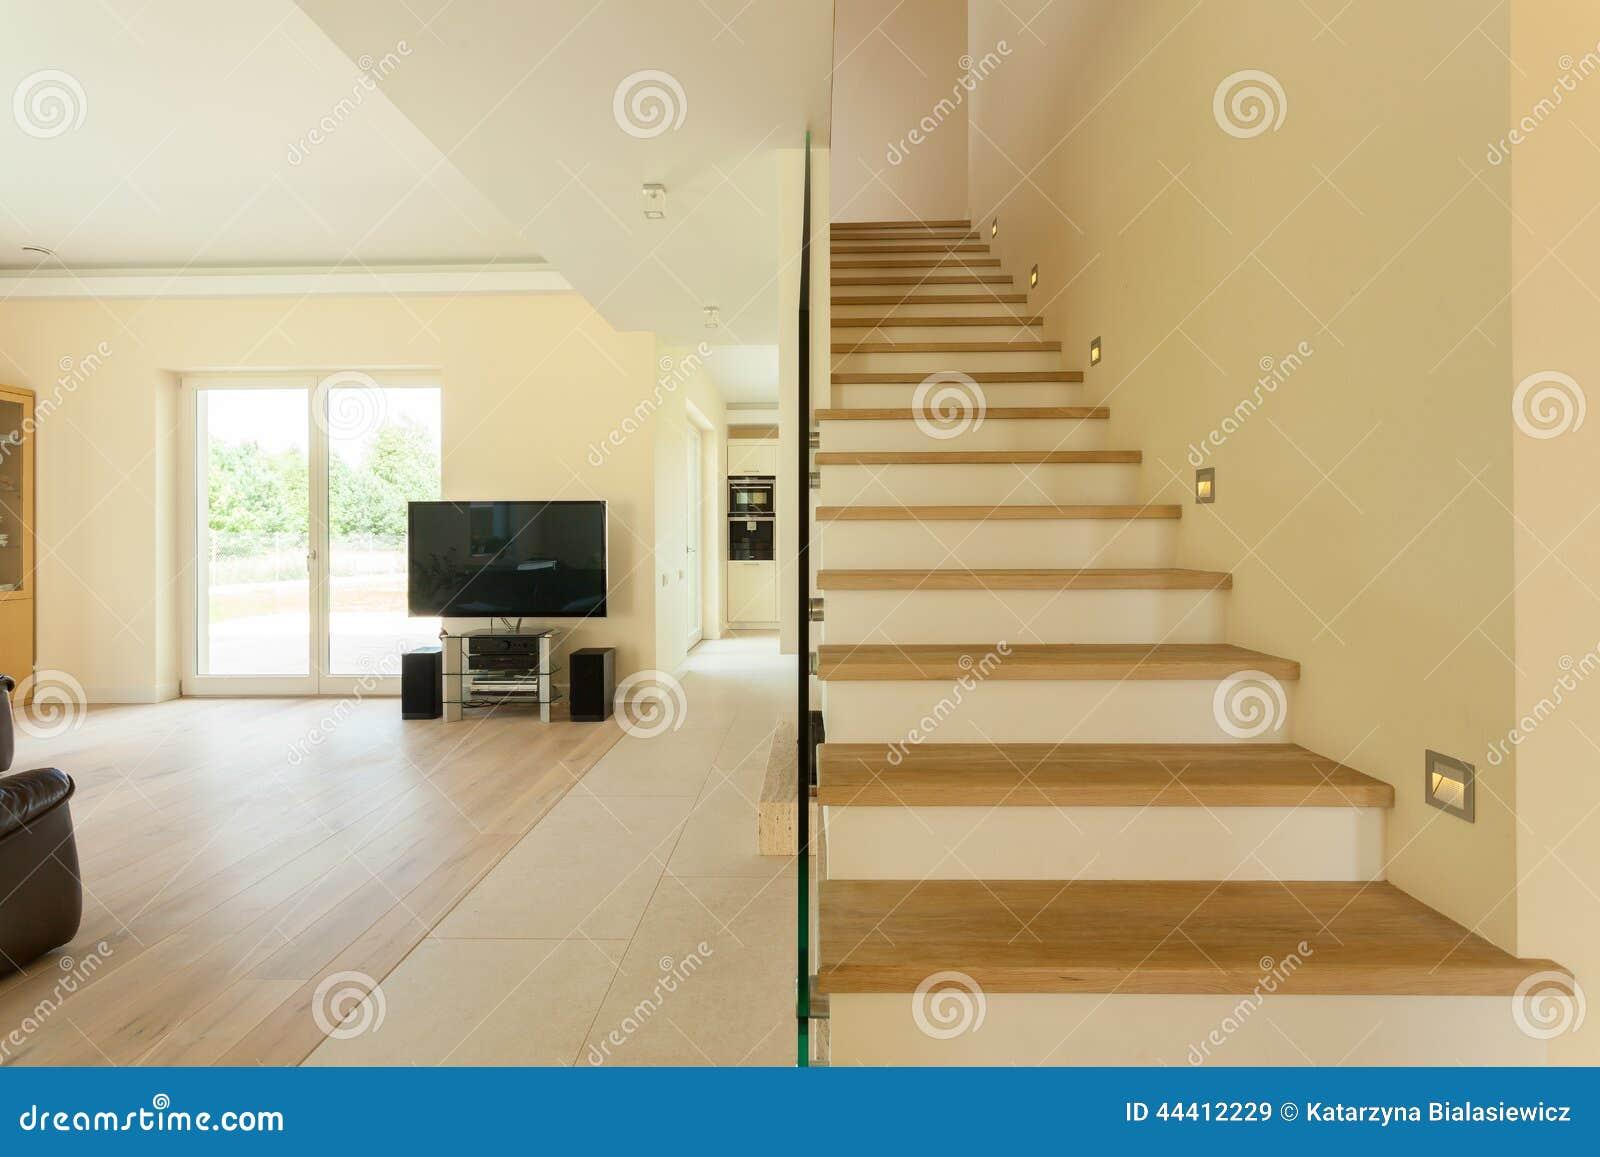 Ruime woonkamer met trap stock afbeelding afbeelding for Trap in woonkamer